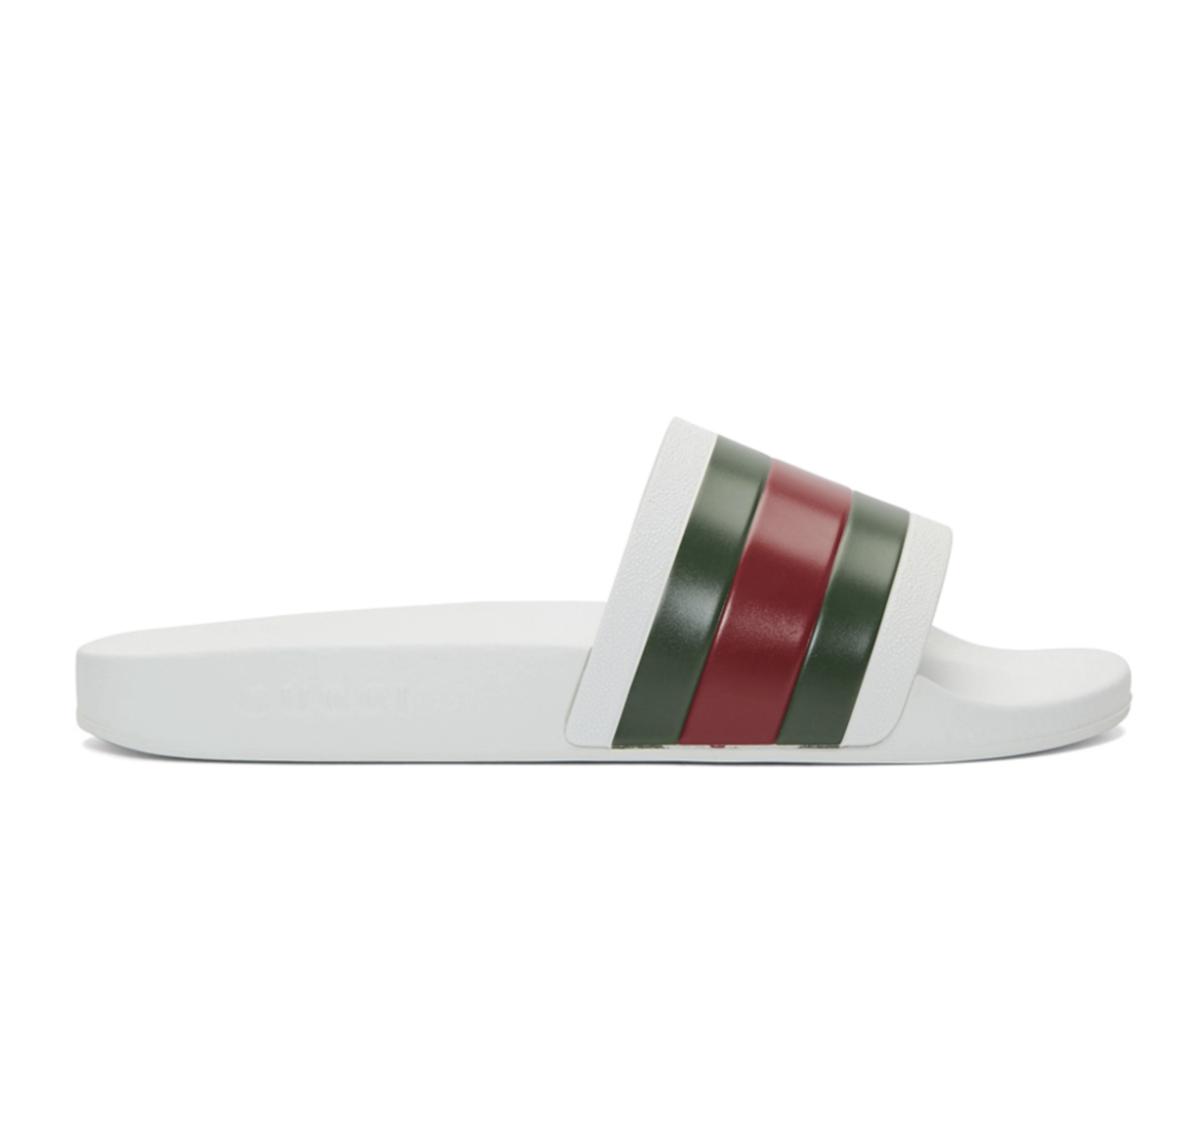 ad6202bc0 On Sale: Gucci Pursuit '72 Slides